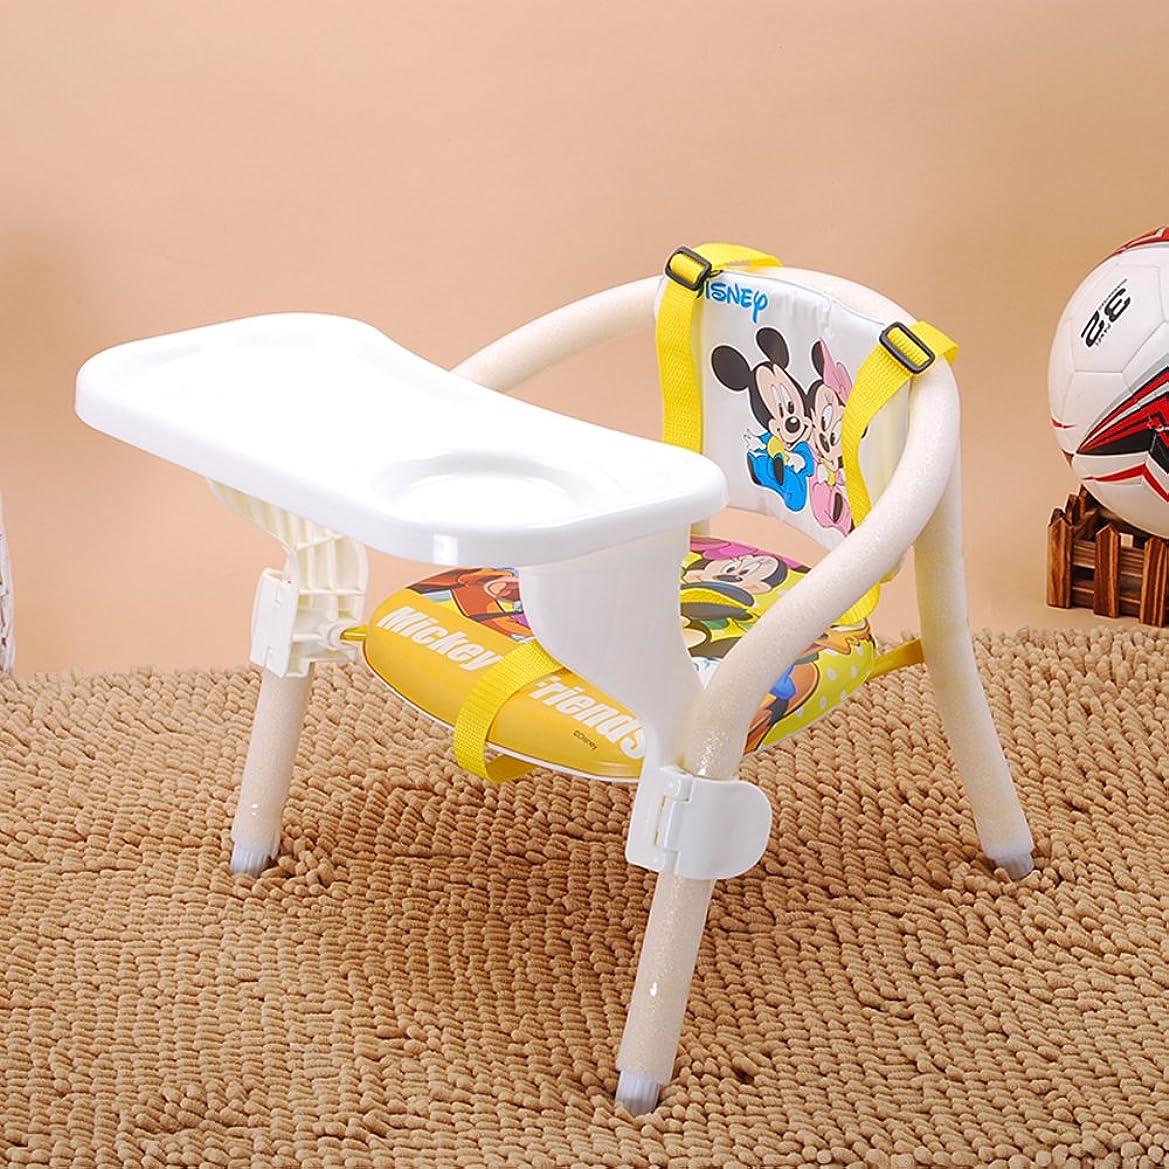 先入観フォーム裏切るベビーチェアー 豆椅子 用 テーブル 乳児 子供 お食事 おやつ 離乳食 パイプイス 脱出防止